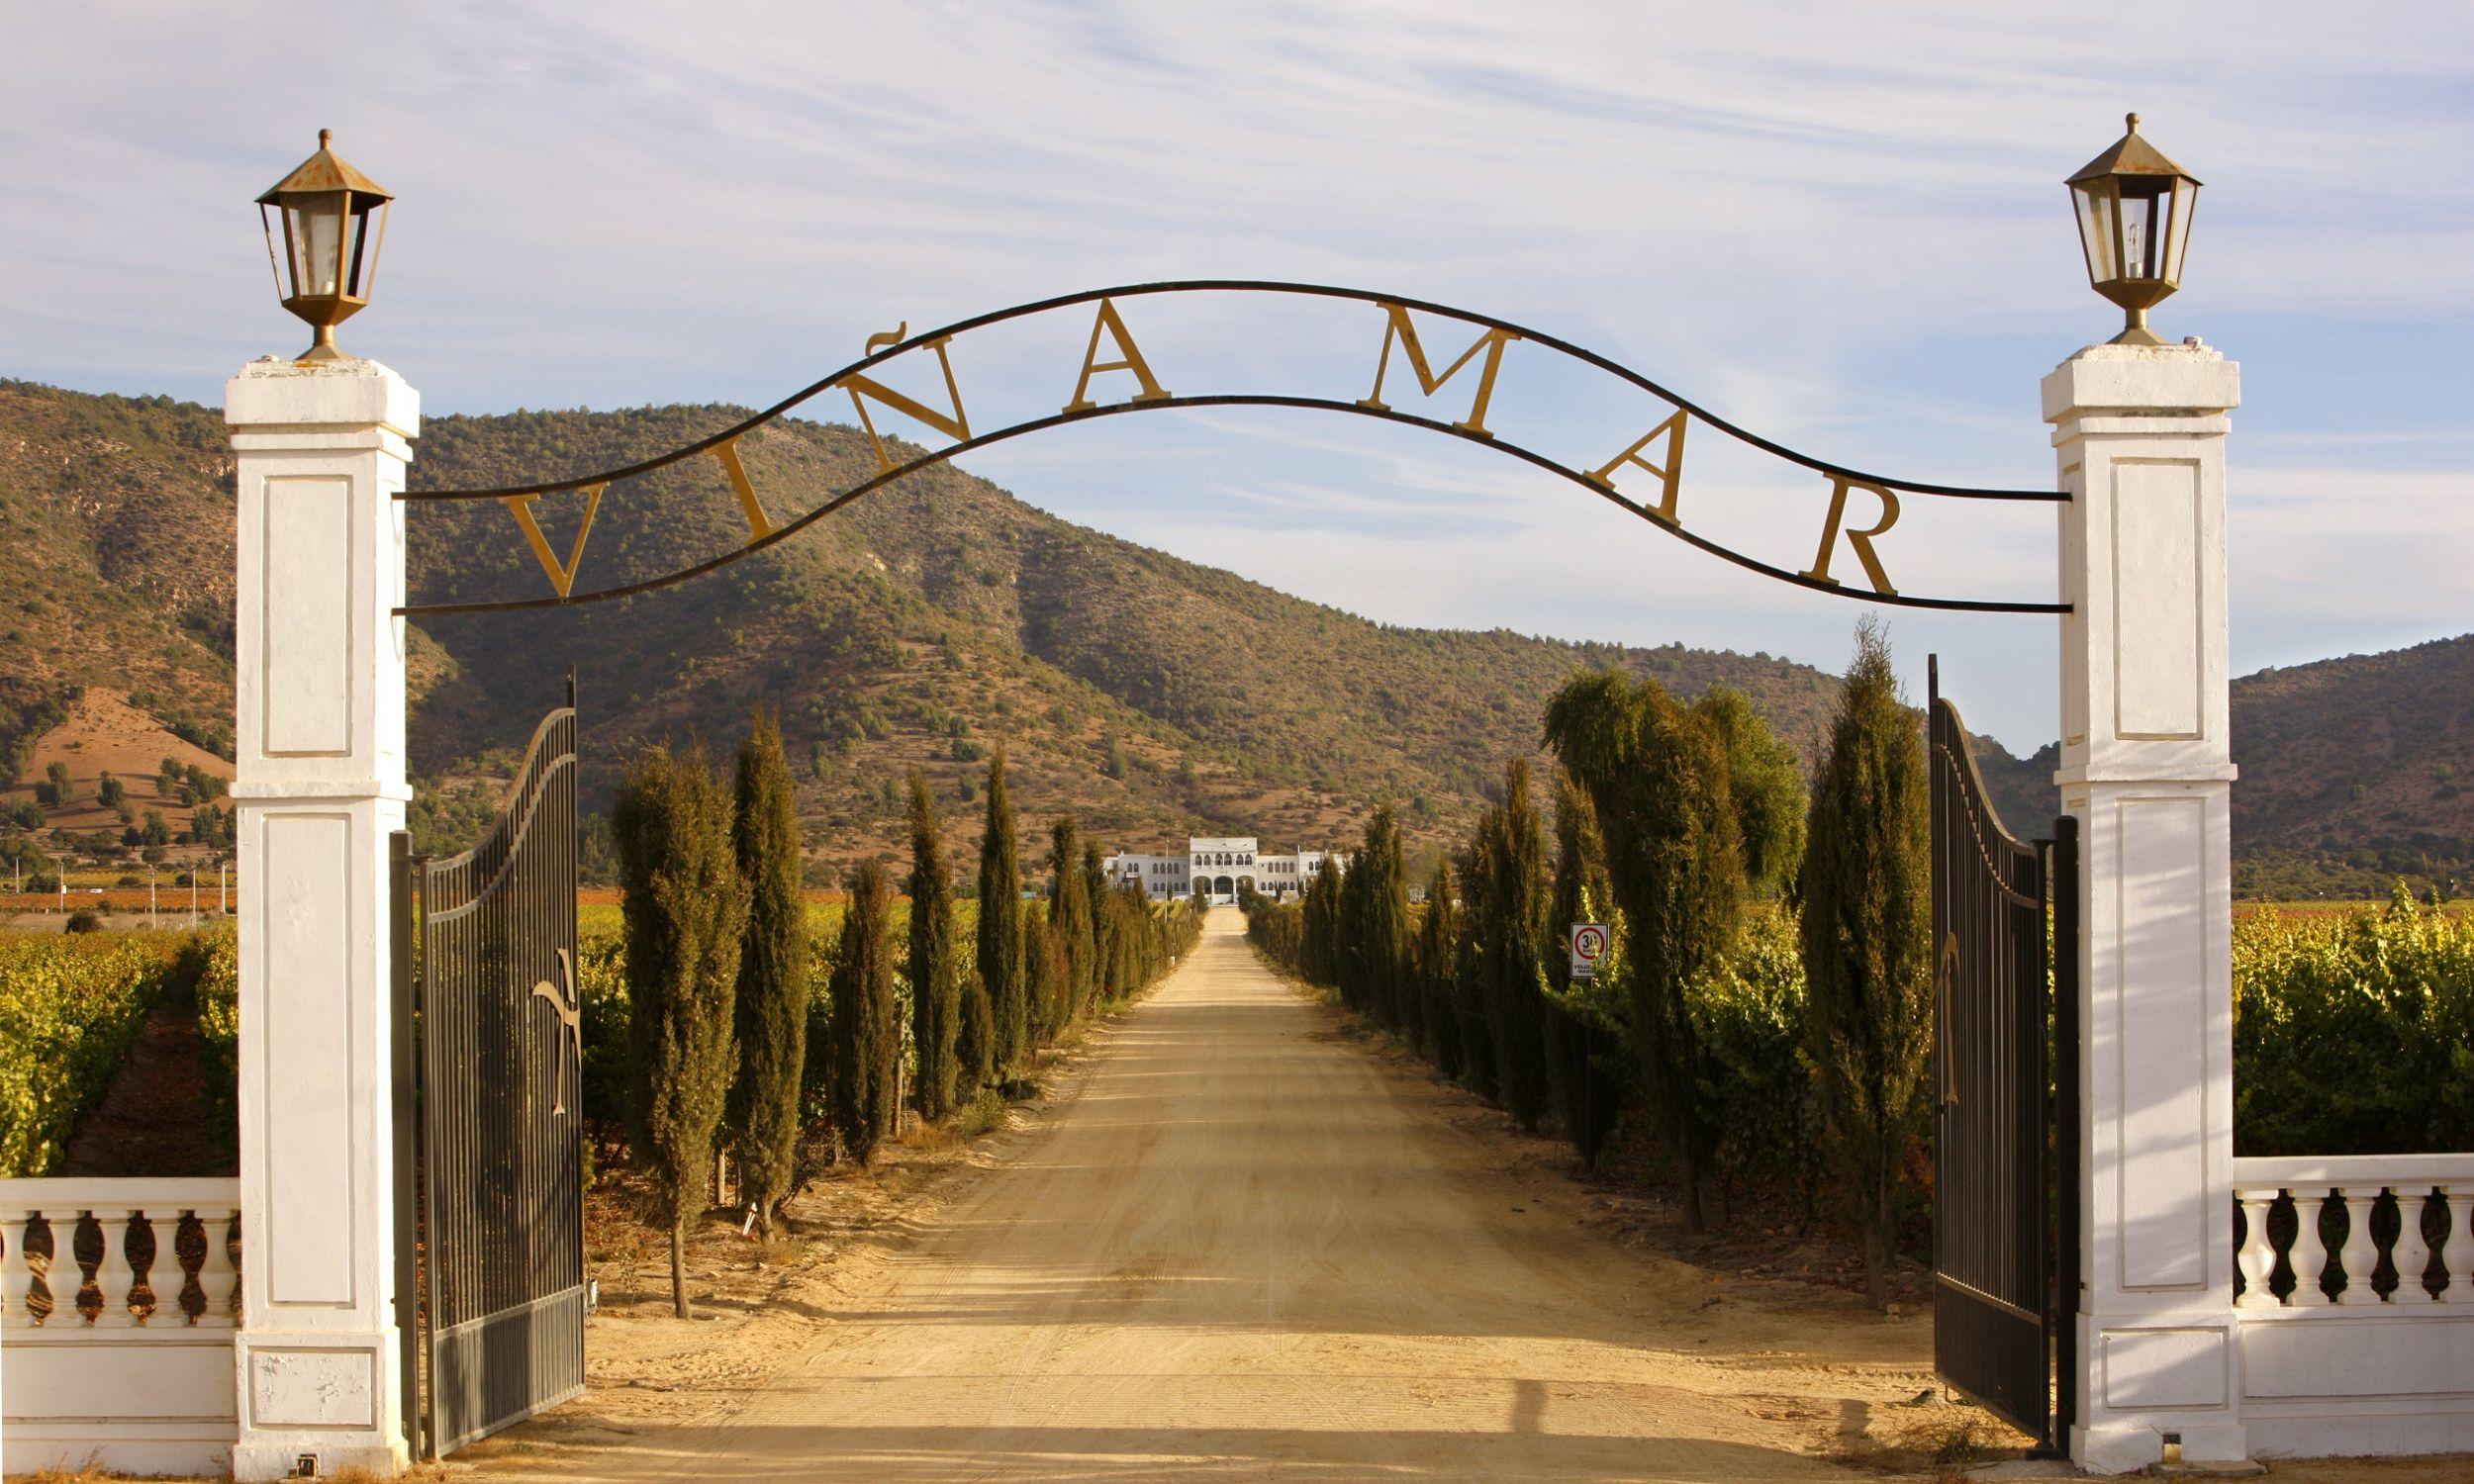 Chile i Argentyna są tak wielkimi rynkowymi potworami na globalnym rynku, że są w stanie zrobić wino na każdą kieszeń i to w dowolnych niemal ilościach. Wjazd do winnicy Vina Mar w Chile. Fot.  Hoberman Collection/Universal Images Group via Getty Images